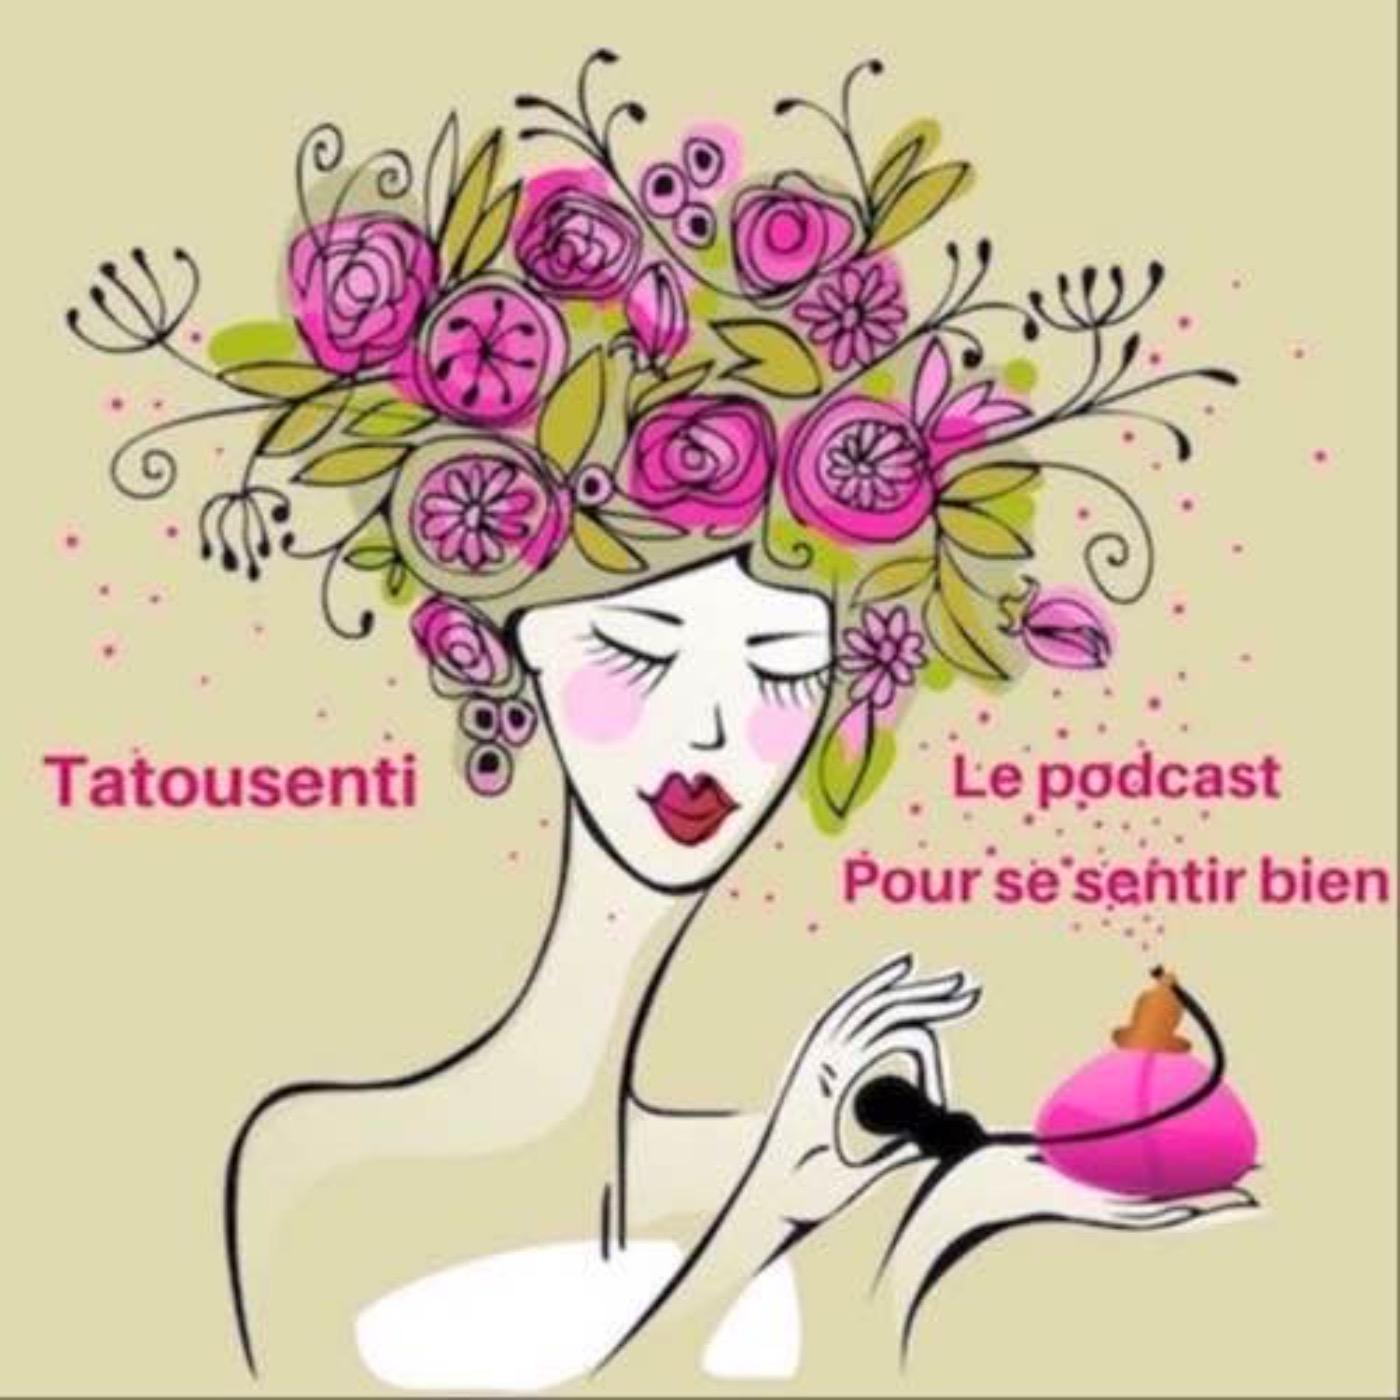 Ep 29 Piere Gueros, un parfumeur heureux (2)